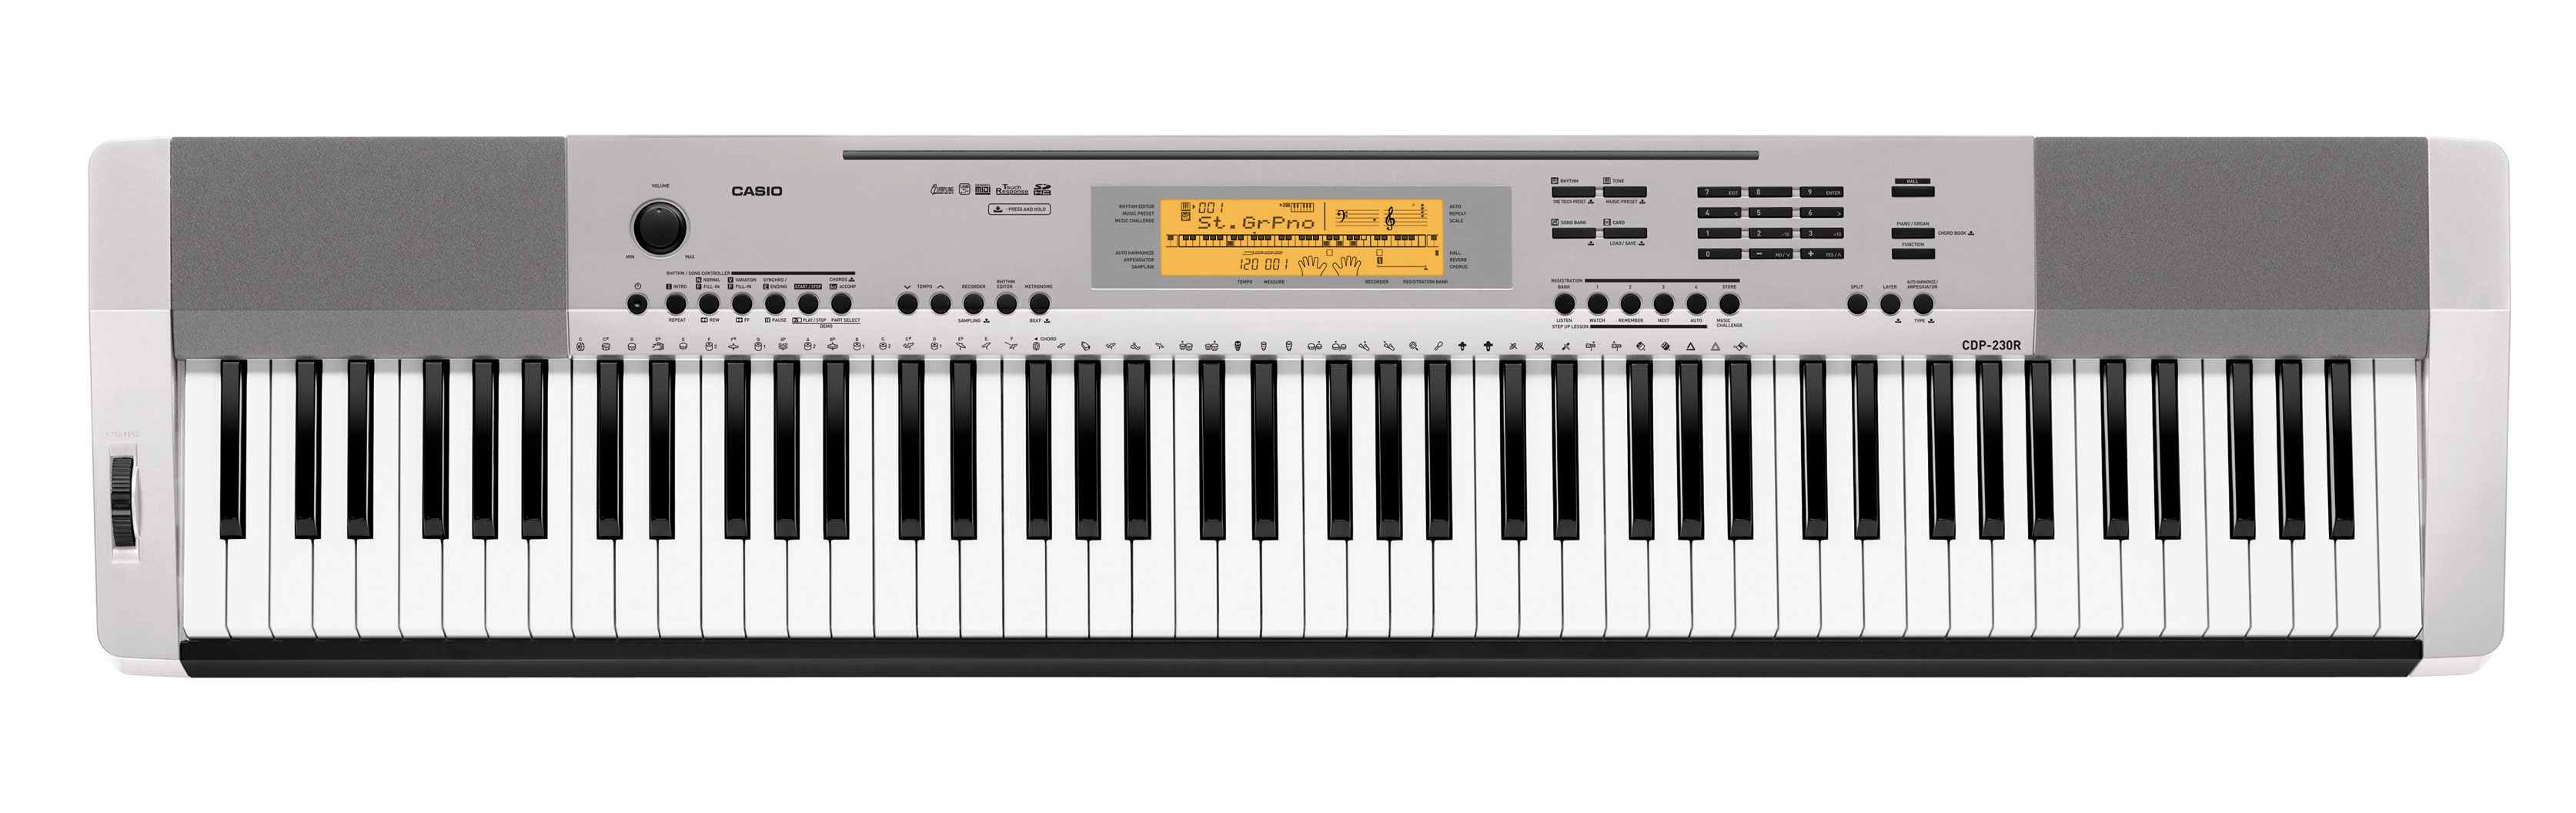 Цифровое пианино Casio CDP-230RSR: фото